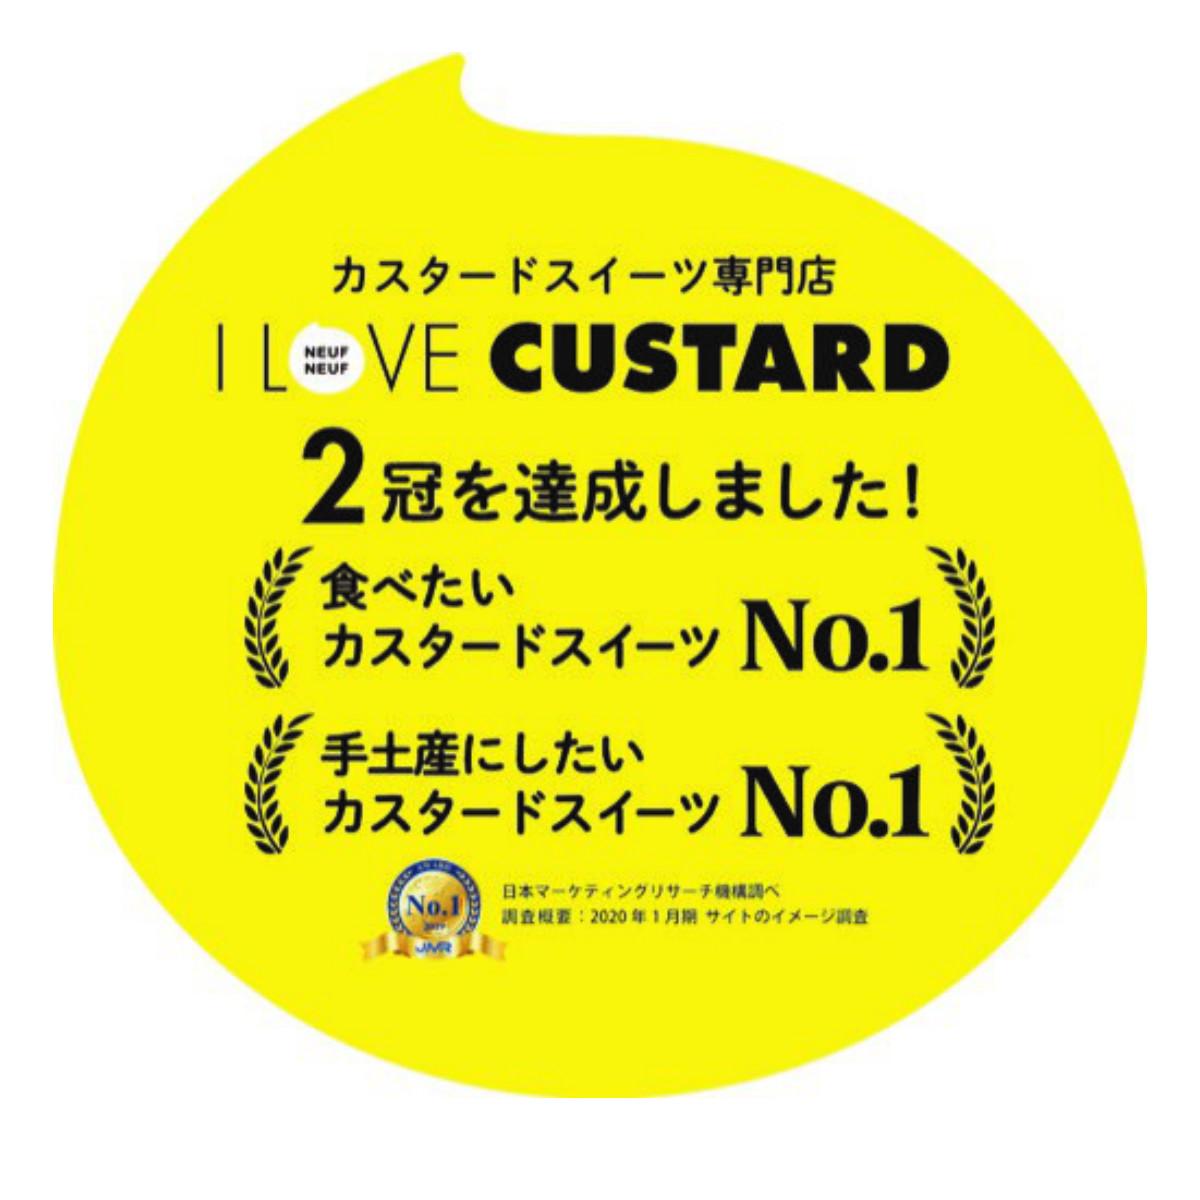 アップルカスタード(福岡便)